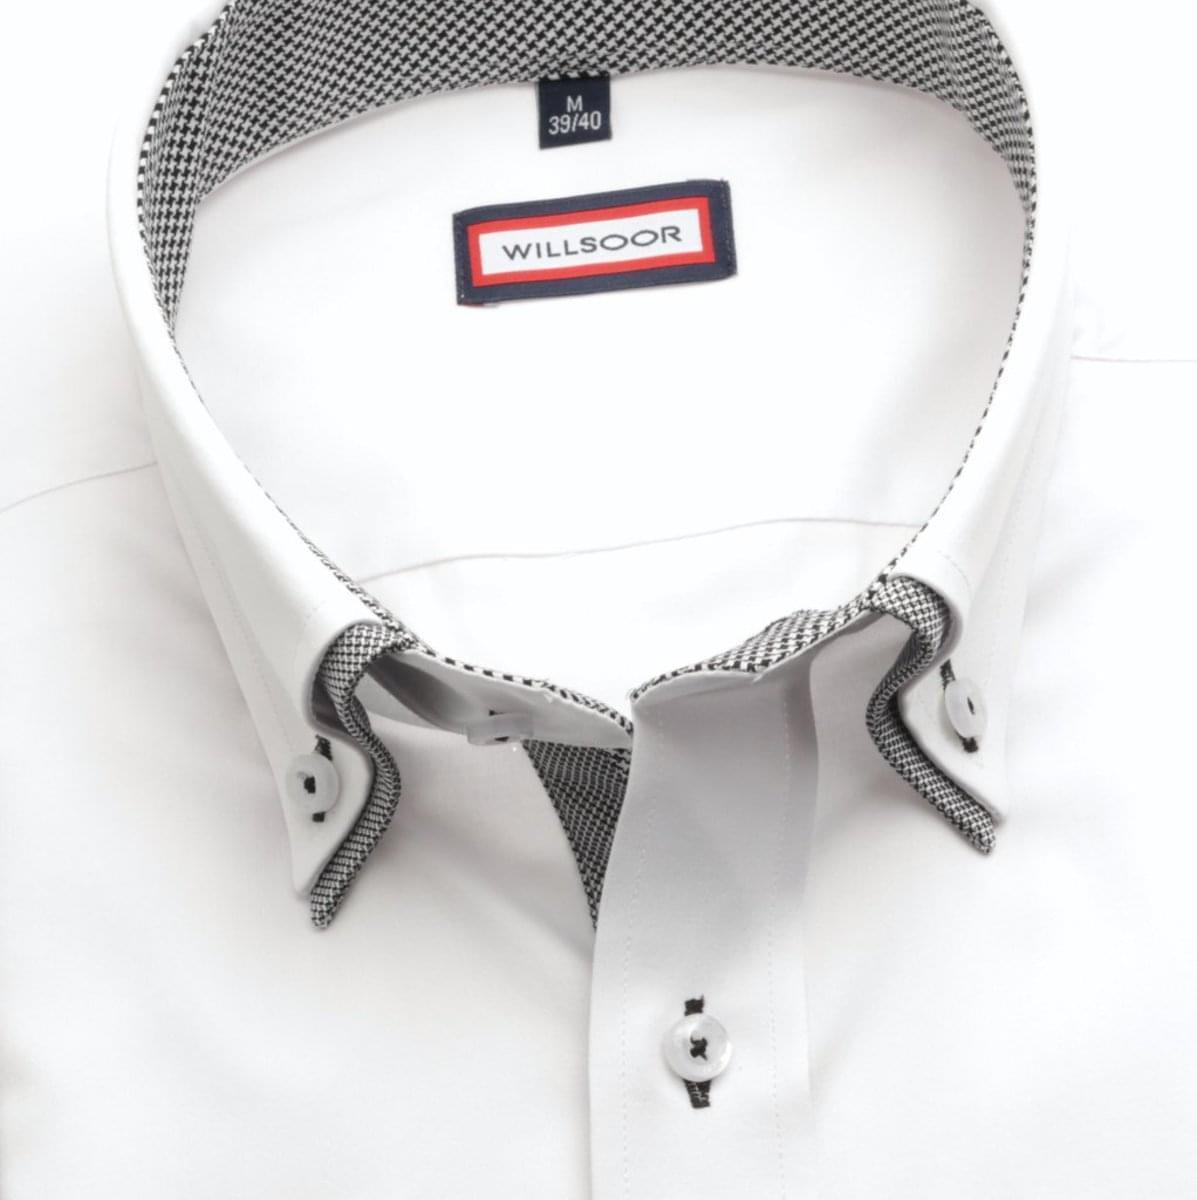 Pánska košele Slim Fit (výška 176-182) 6130 v biele farbe s golierikom na gombíky 176-182 / XL (43/44)